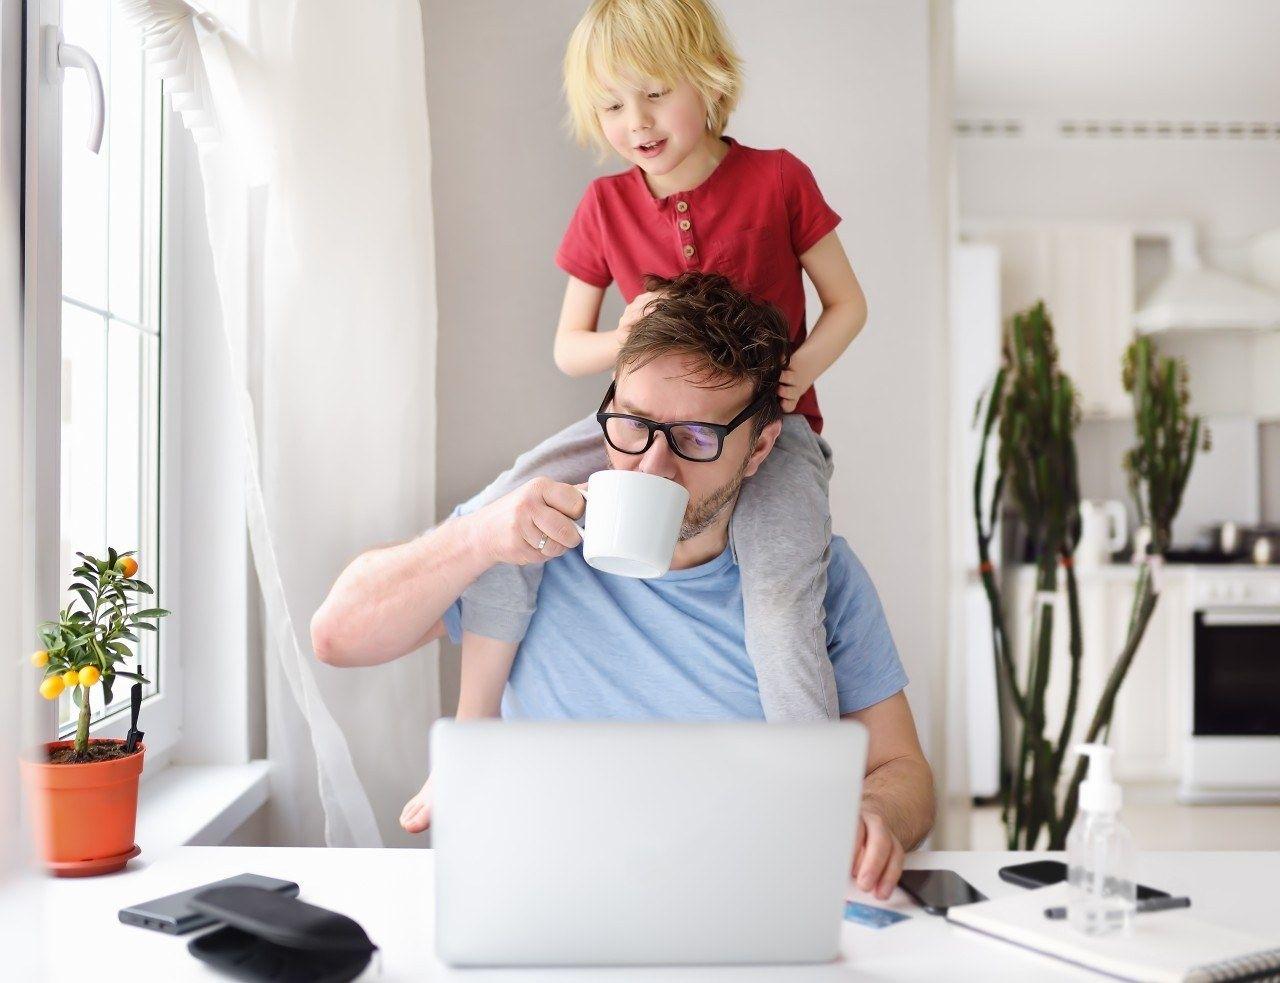 Thuiswerken gezin kinderen